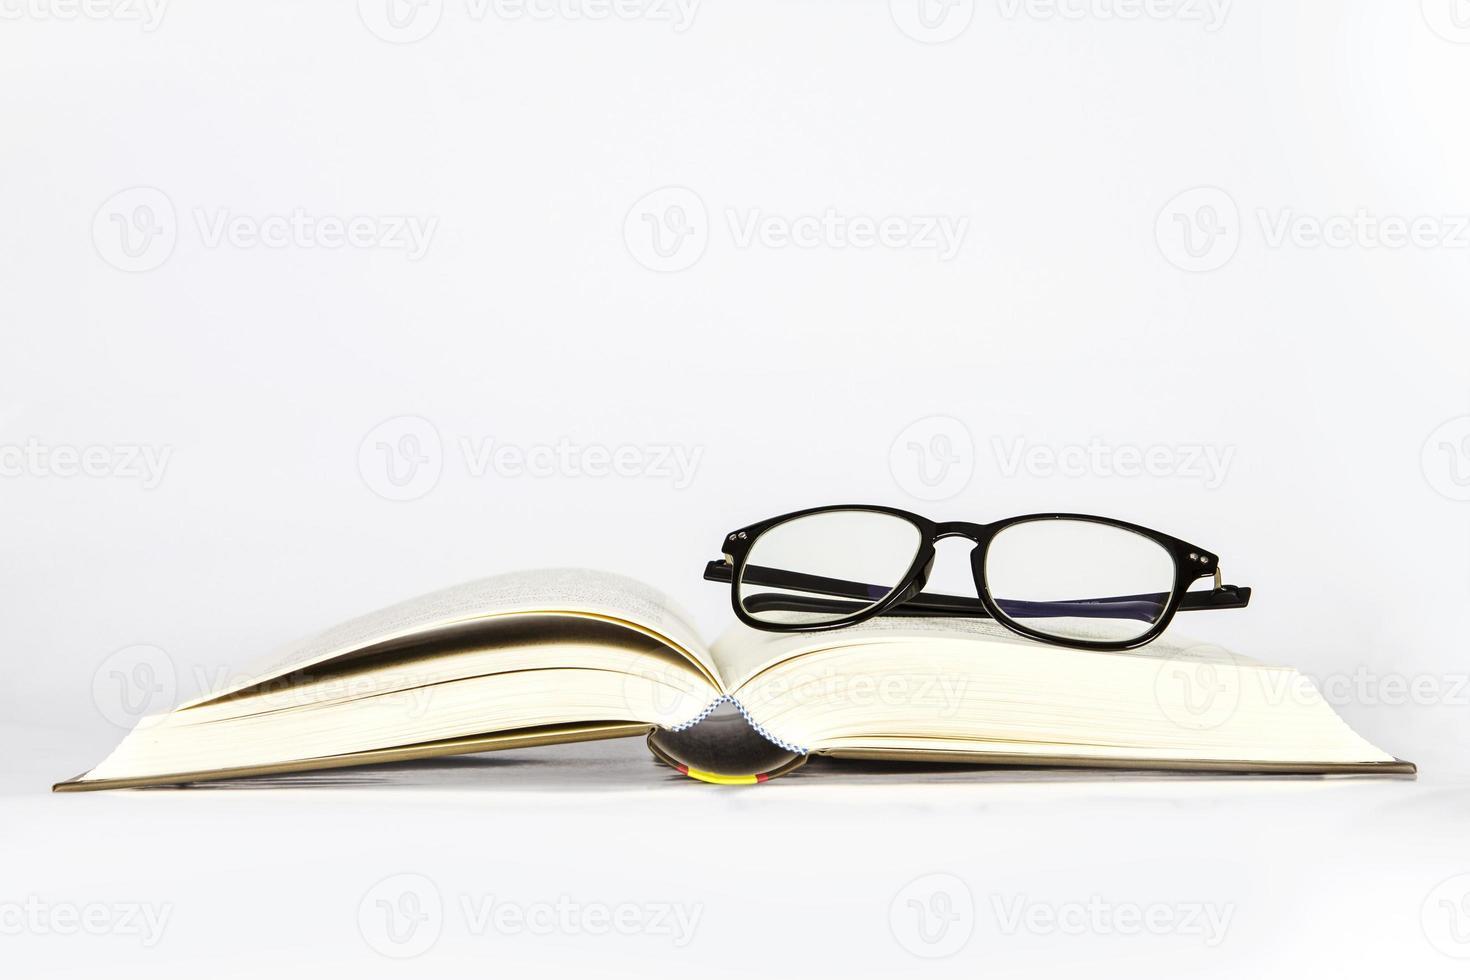 occhiali cerchiati neri posti sul libro aperto foto